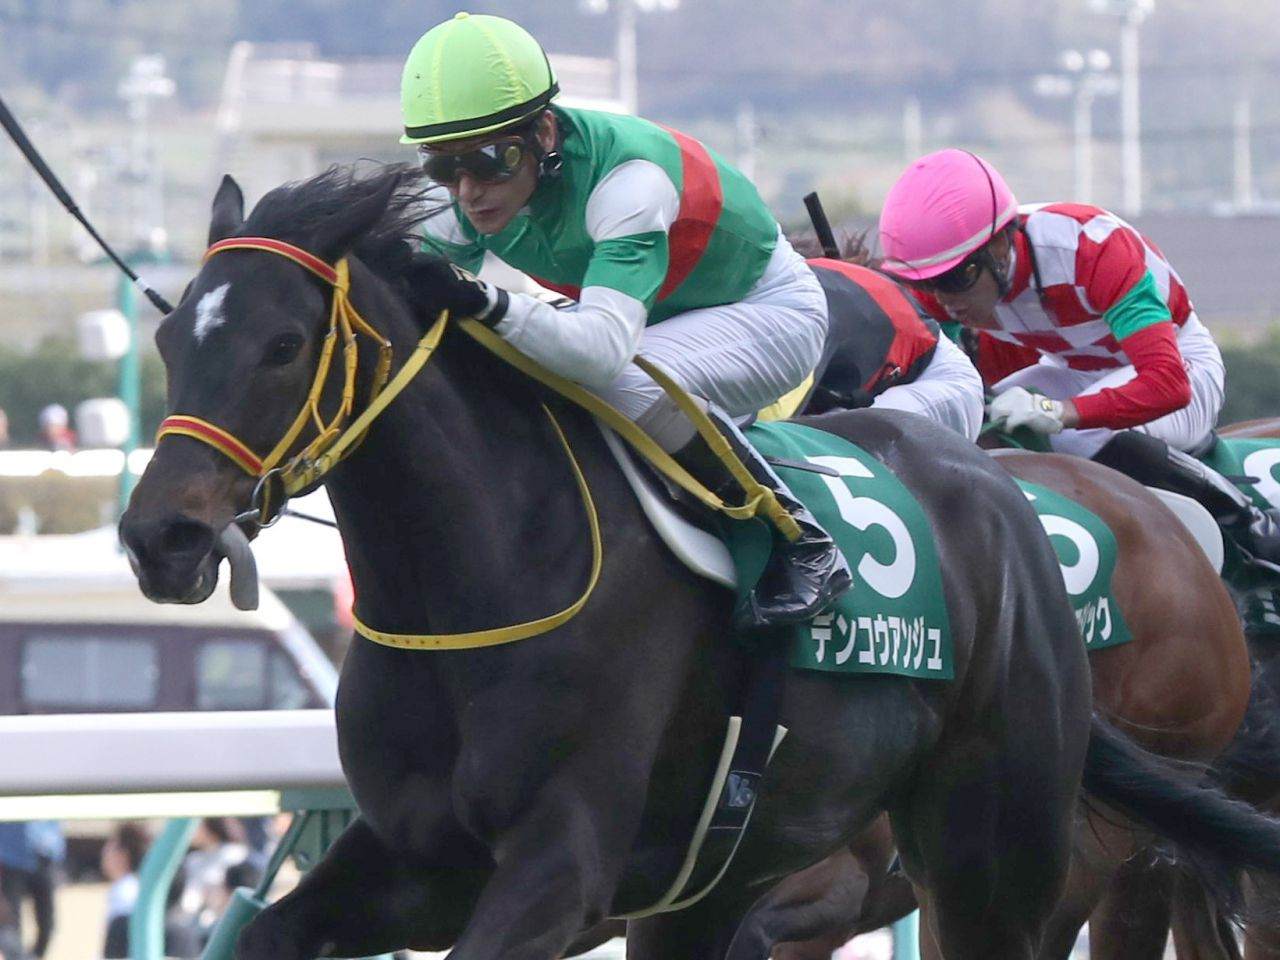 【福島牝馬S】柴田善「結果残せて責任を感じますね」デンコウアンジュが3年半ぶりV!